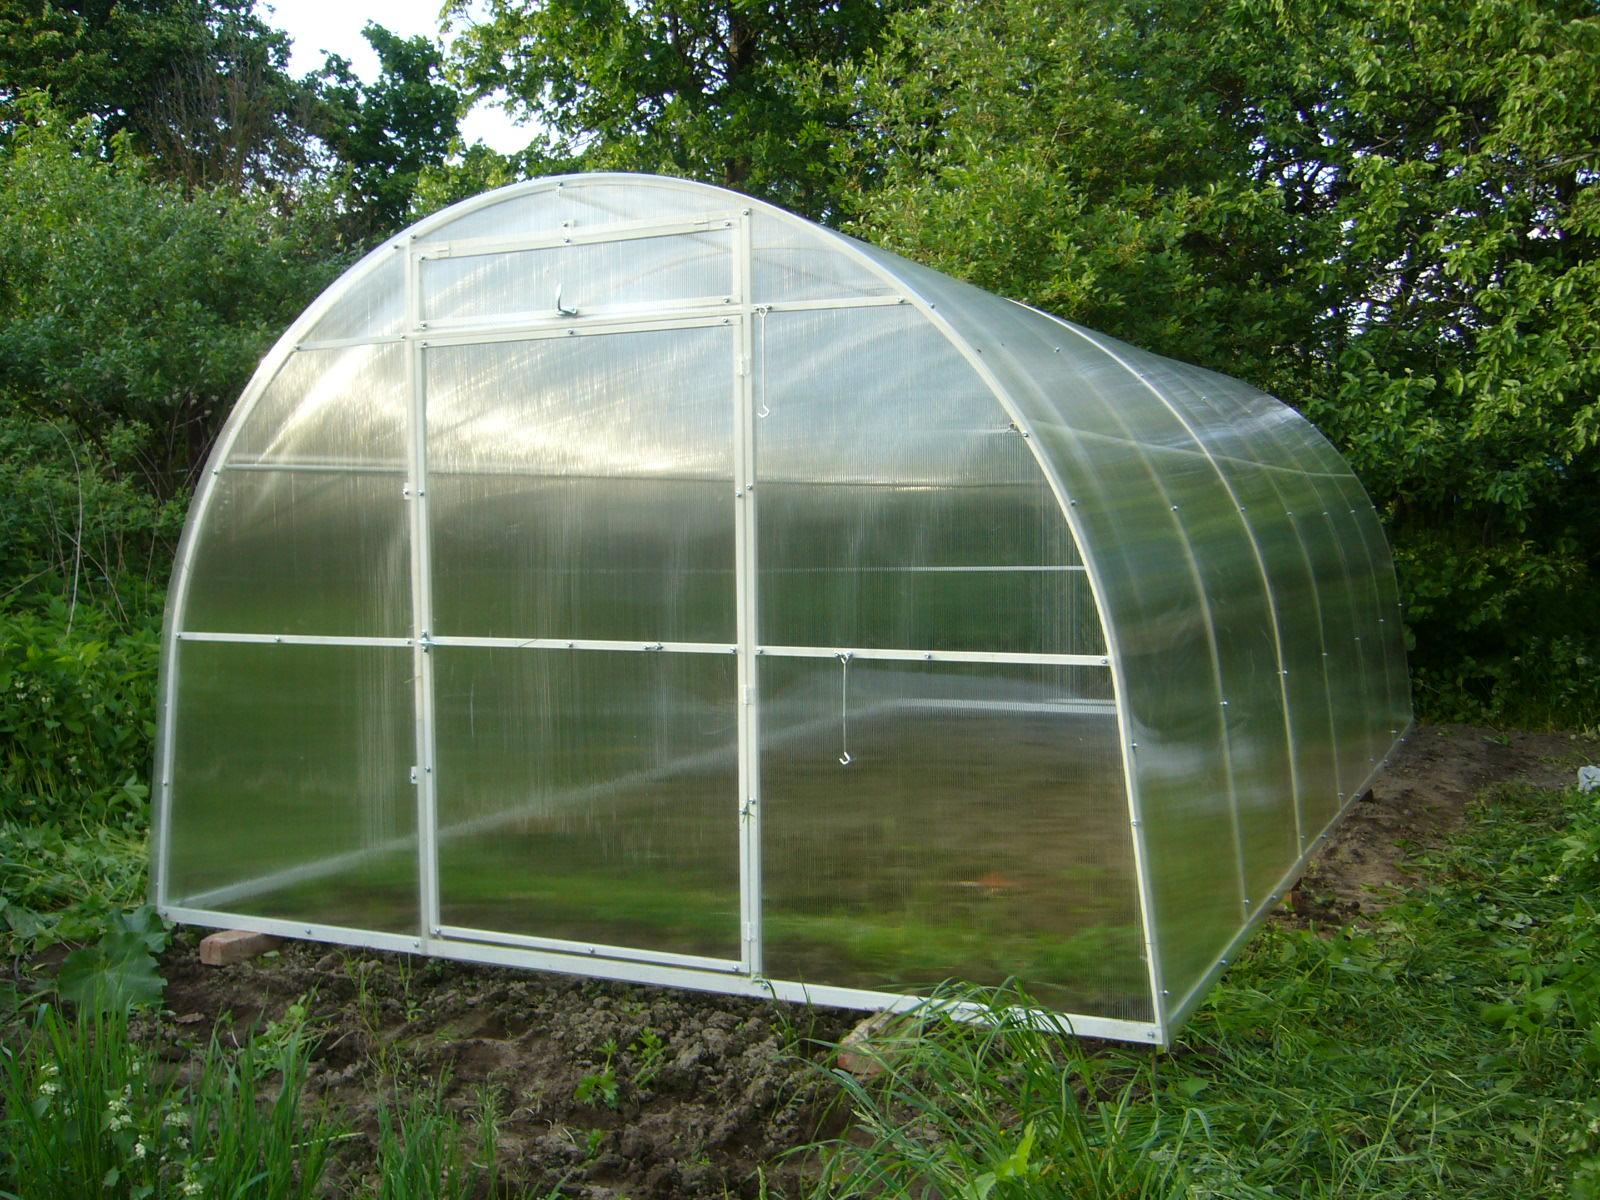 Теплица «Уралочка» с покрытием из сотового поликарбоната размеры: длина 4м. ширина 2м. высота 2м.